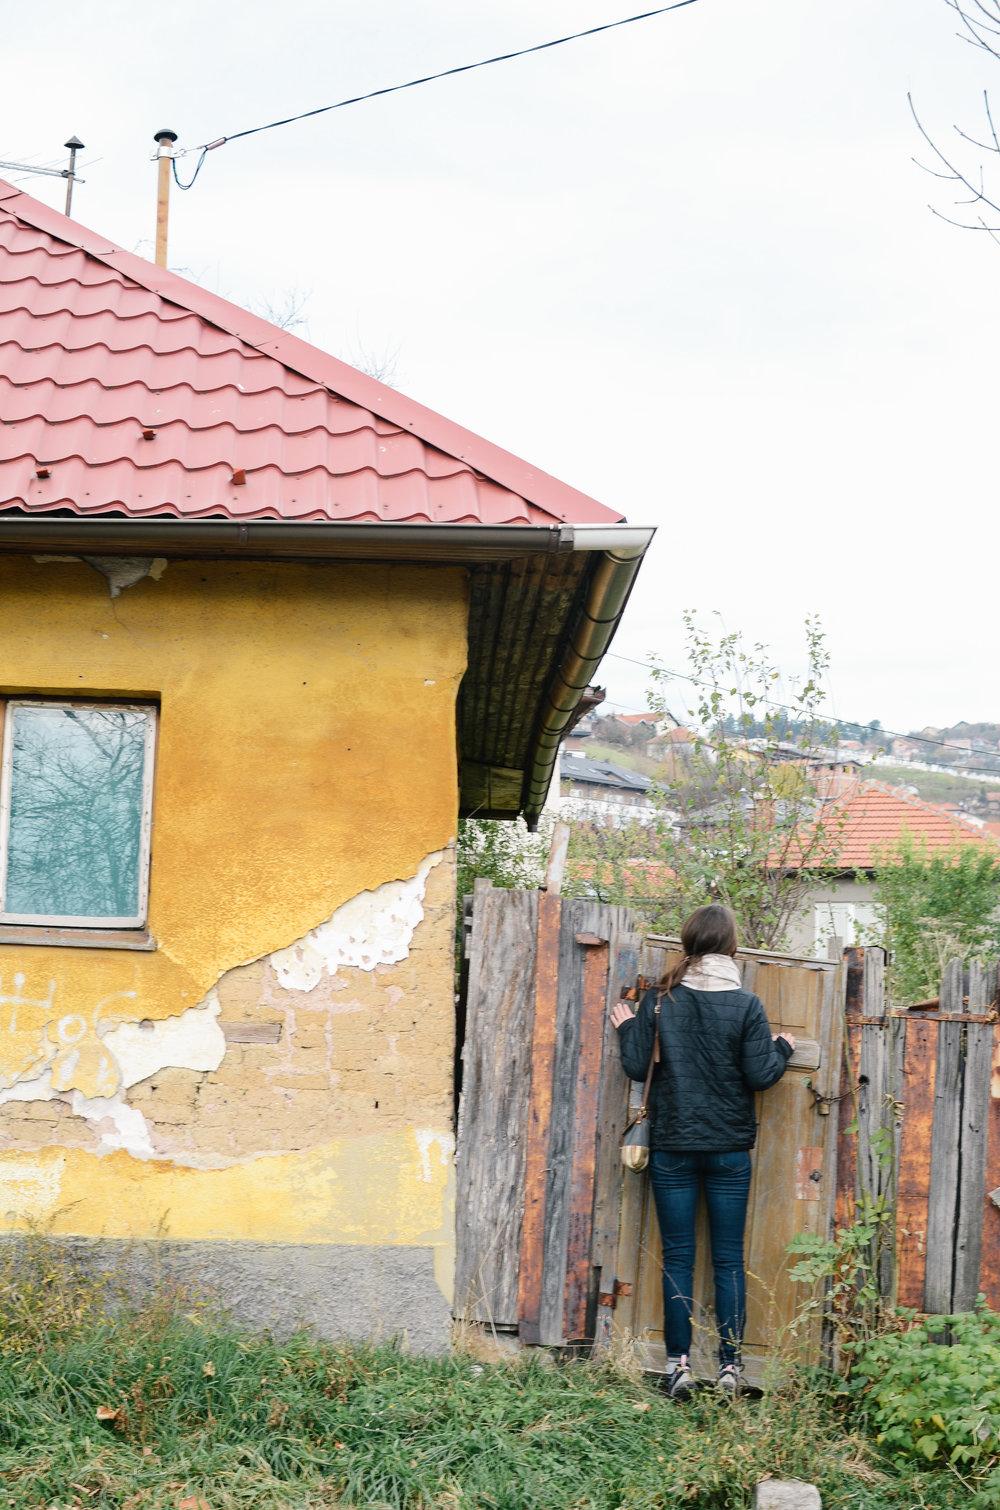 bosnia-travel-sarajevo-guide-lifeonpine_DSC_2879.jpg